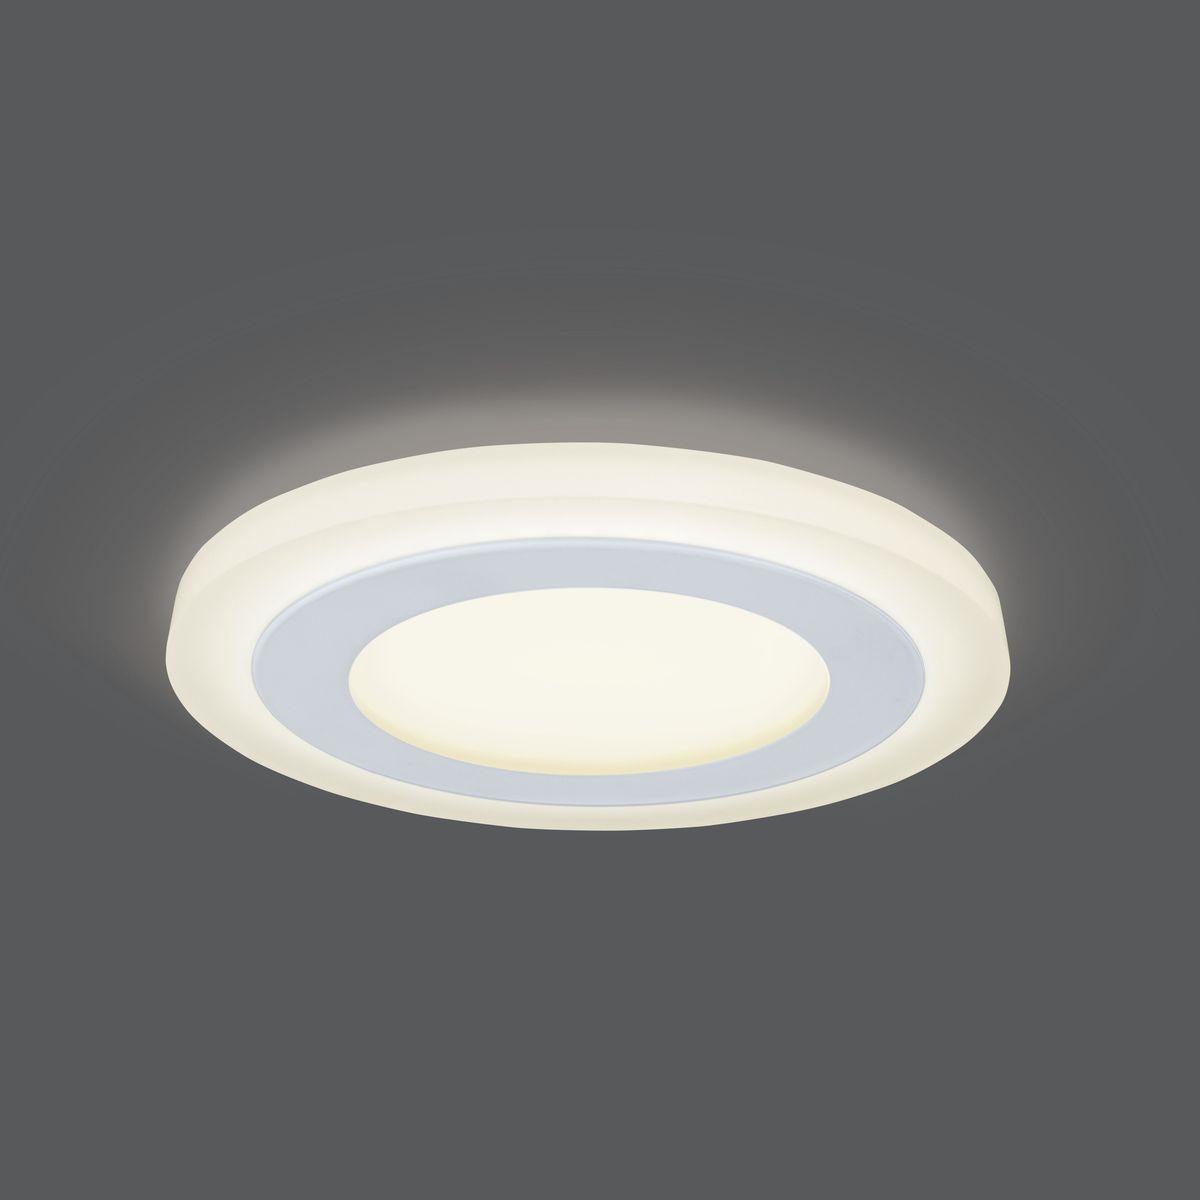 Встраиваемый светильник Gauss LED 6+3W, 3000K, 540Лм, 1/40, 9 Вт светильники для сада led